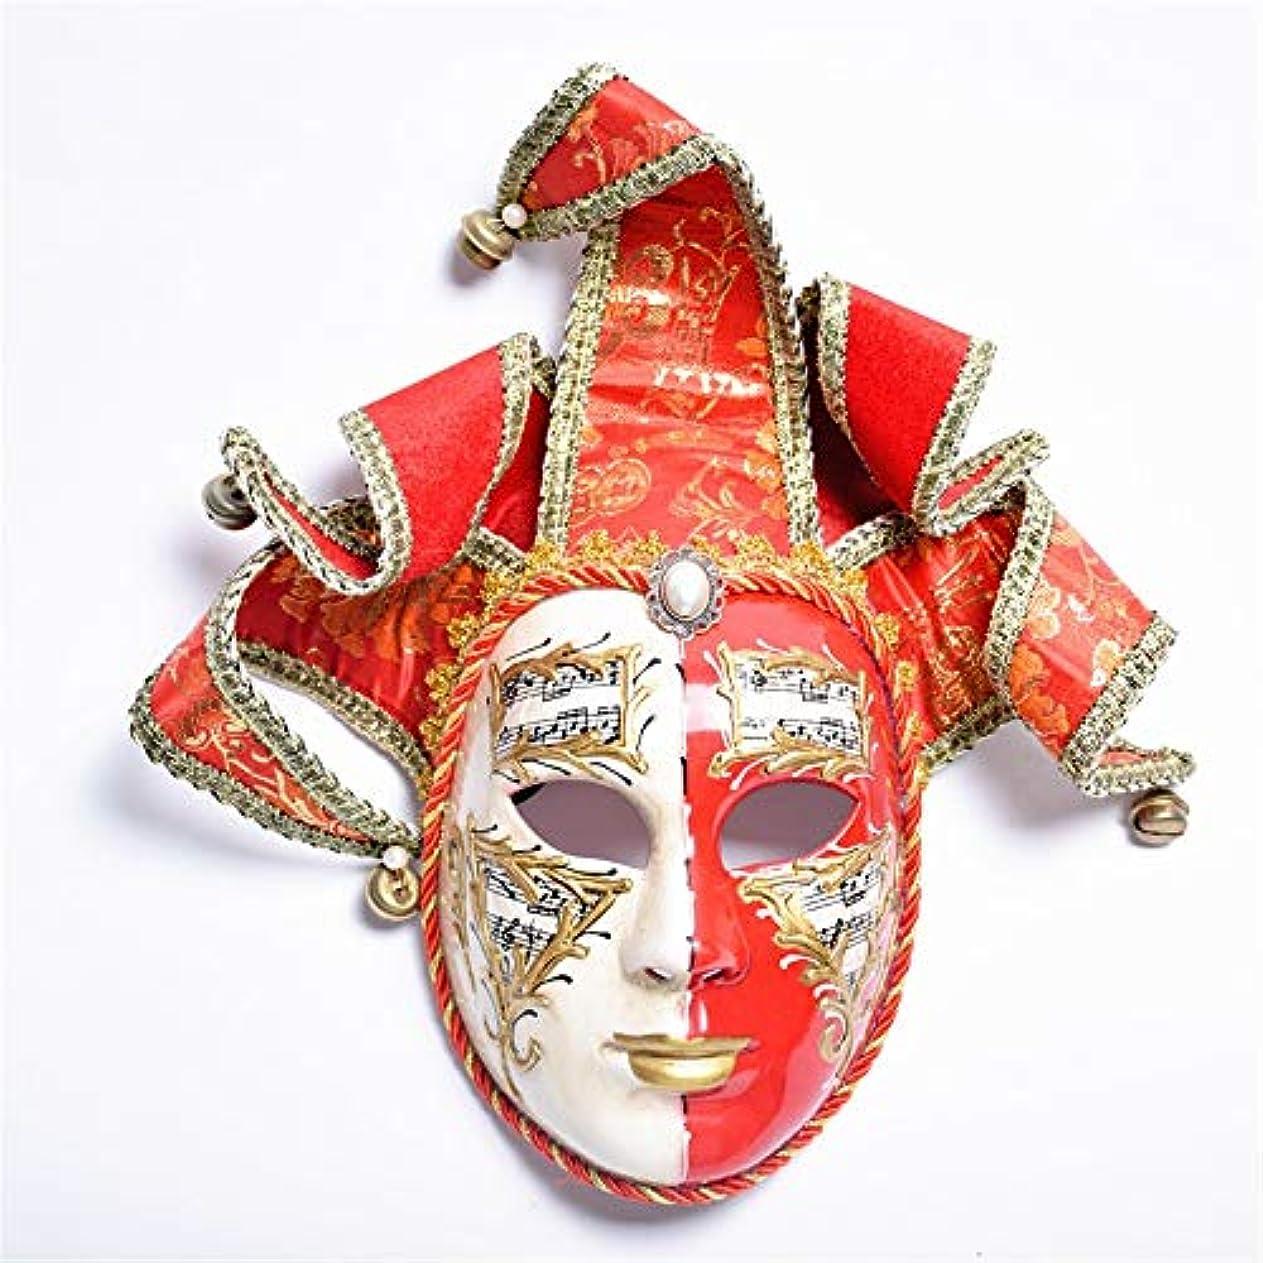 いじめっ子濃度独立ダンスマスク レッドゴールドマスク女性仮装パーティーナイトクラブロールプレイング装飾プラスチックマスク ホリデーパーティー用品 (色 : Red+Gold, サイズ : 33x31cm)